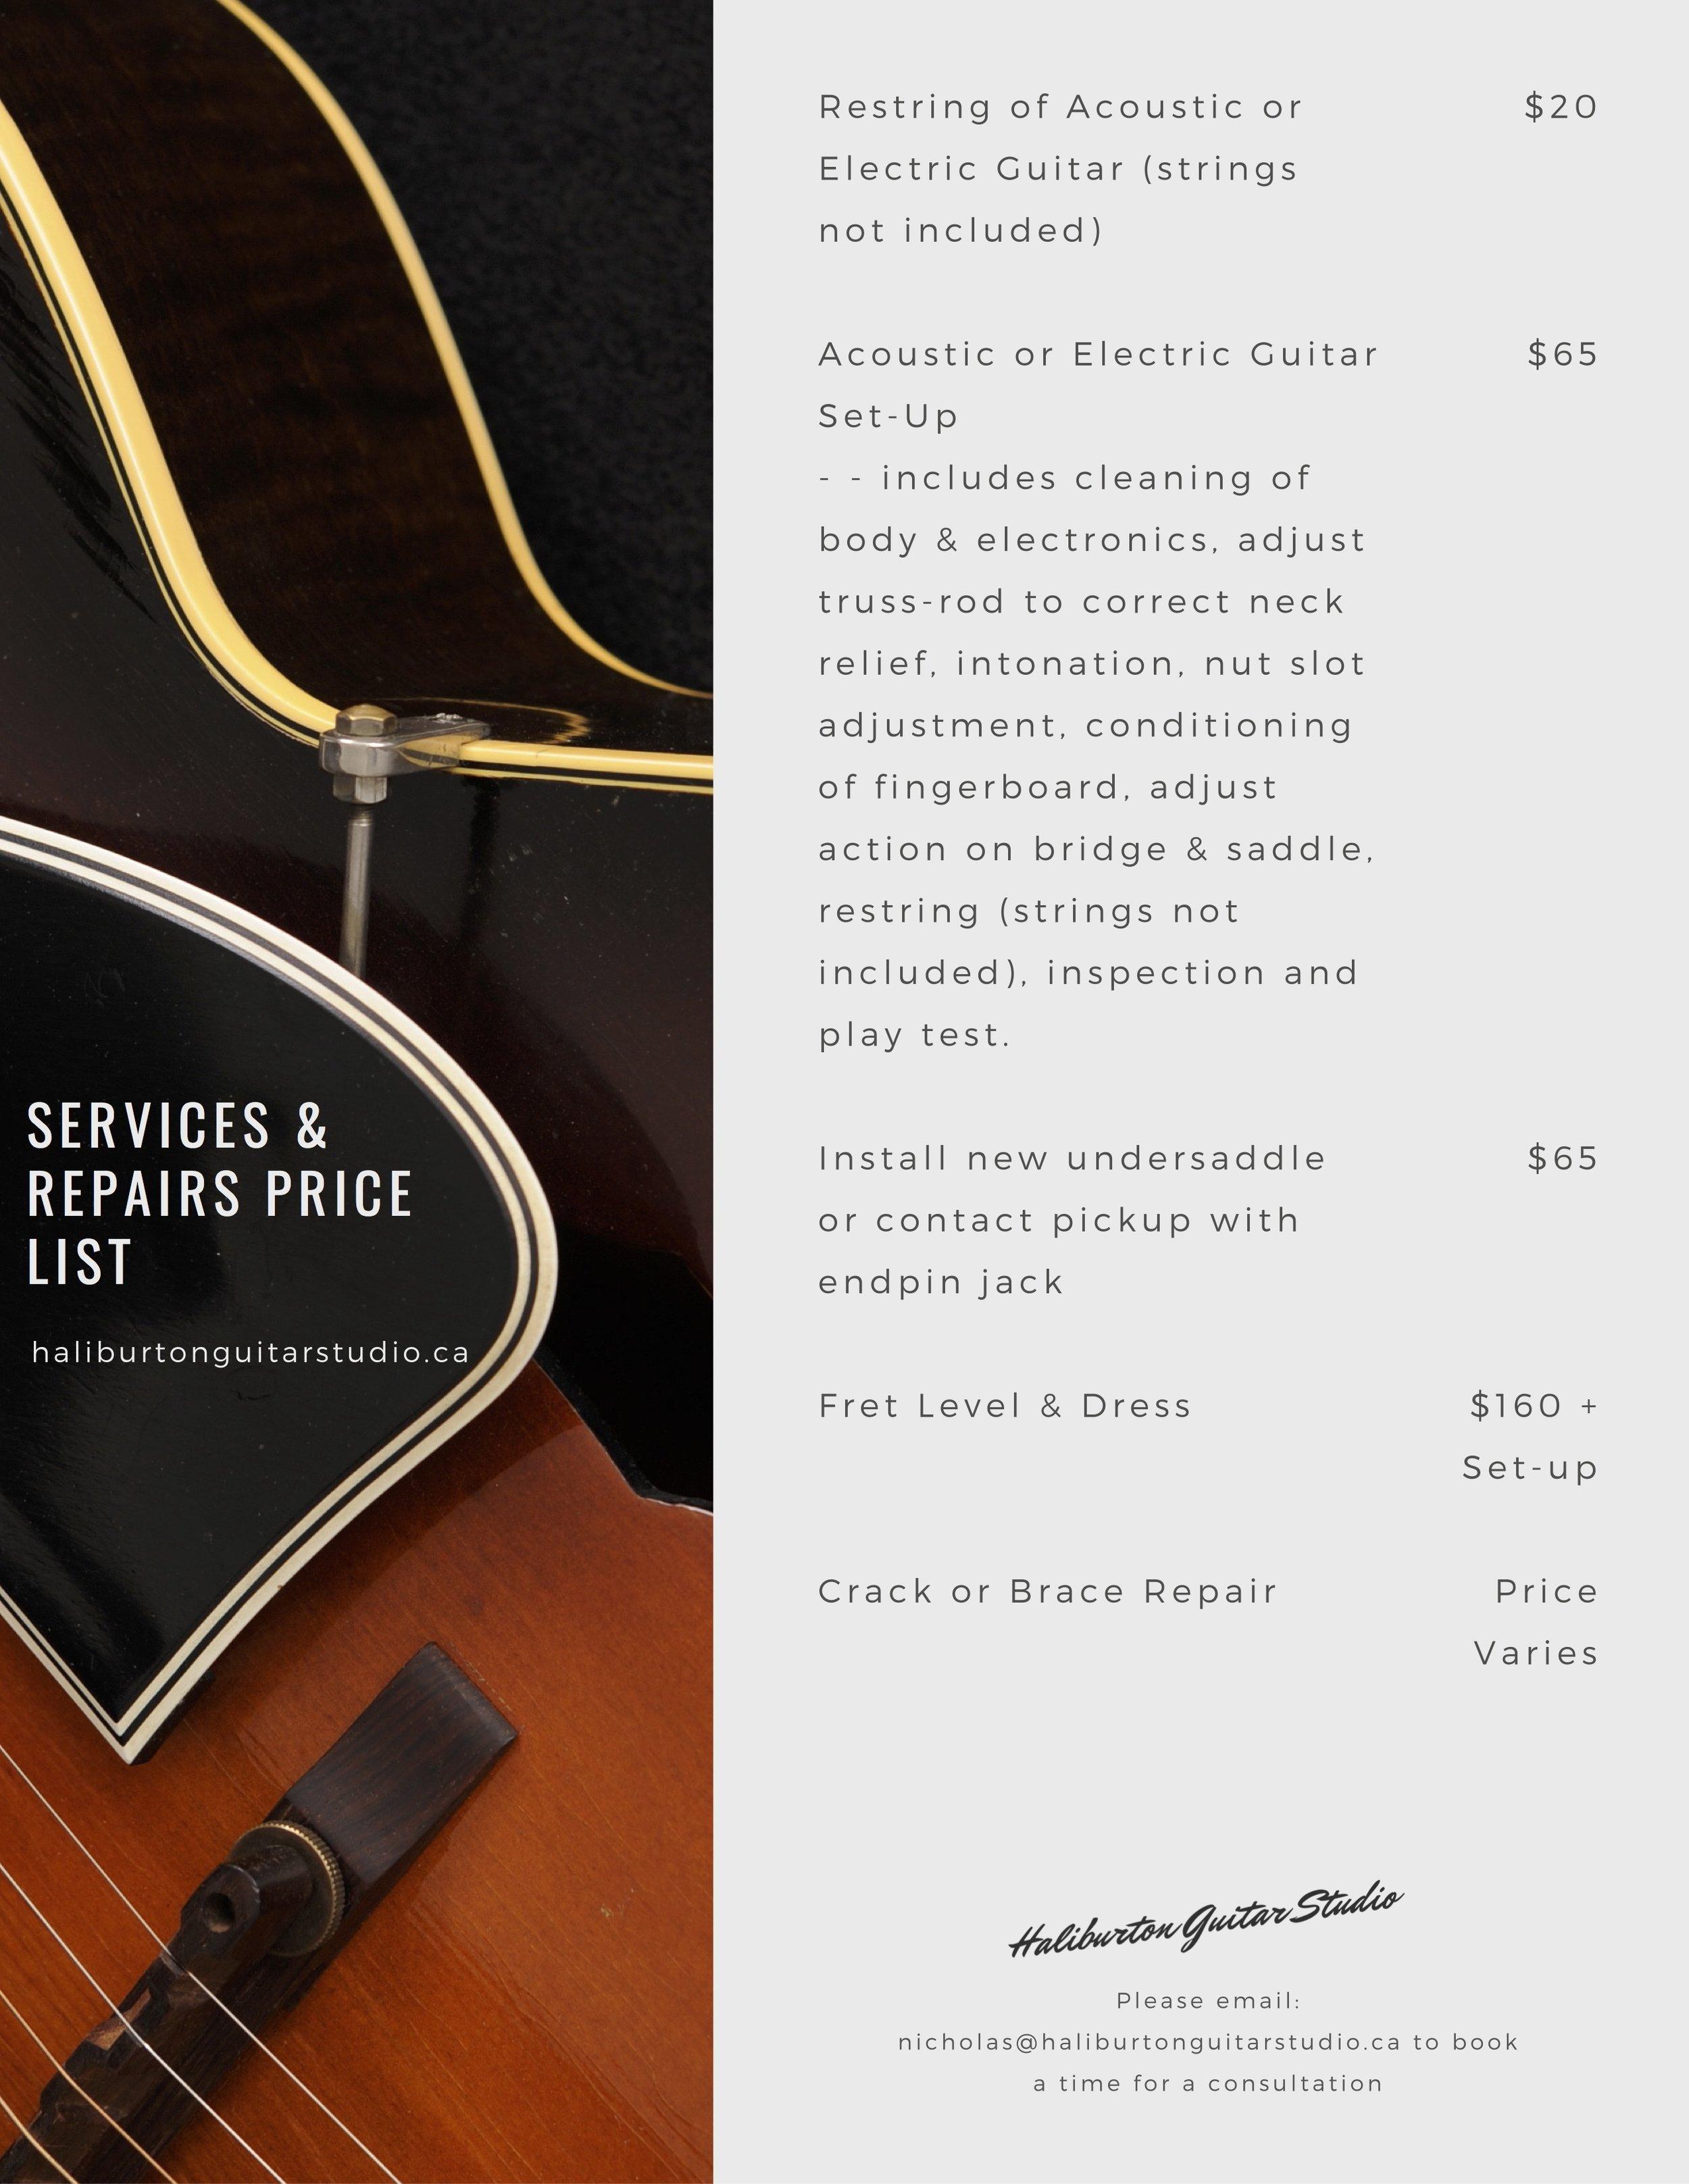 Haliburton Guitar Studio - Services & Repairs - price list 2019 .jpg